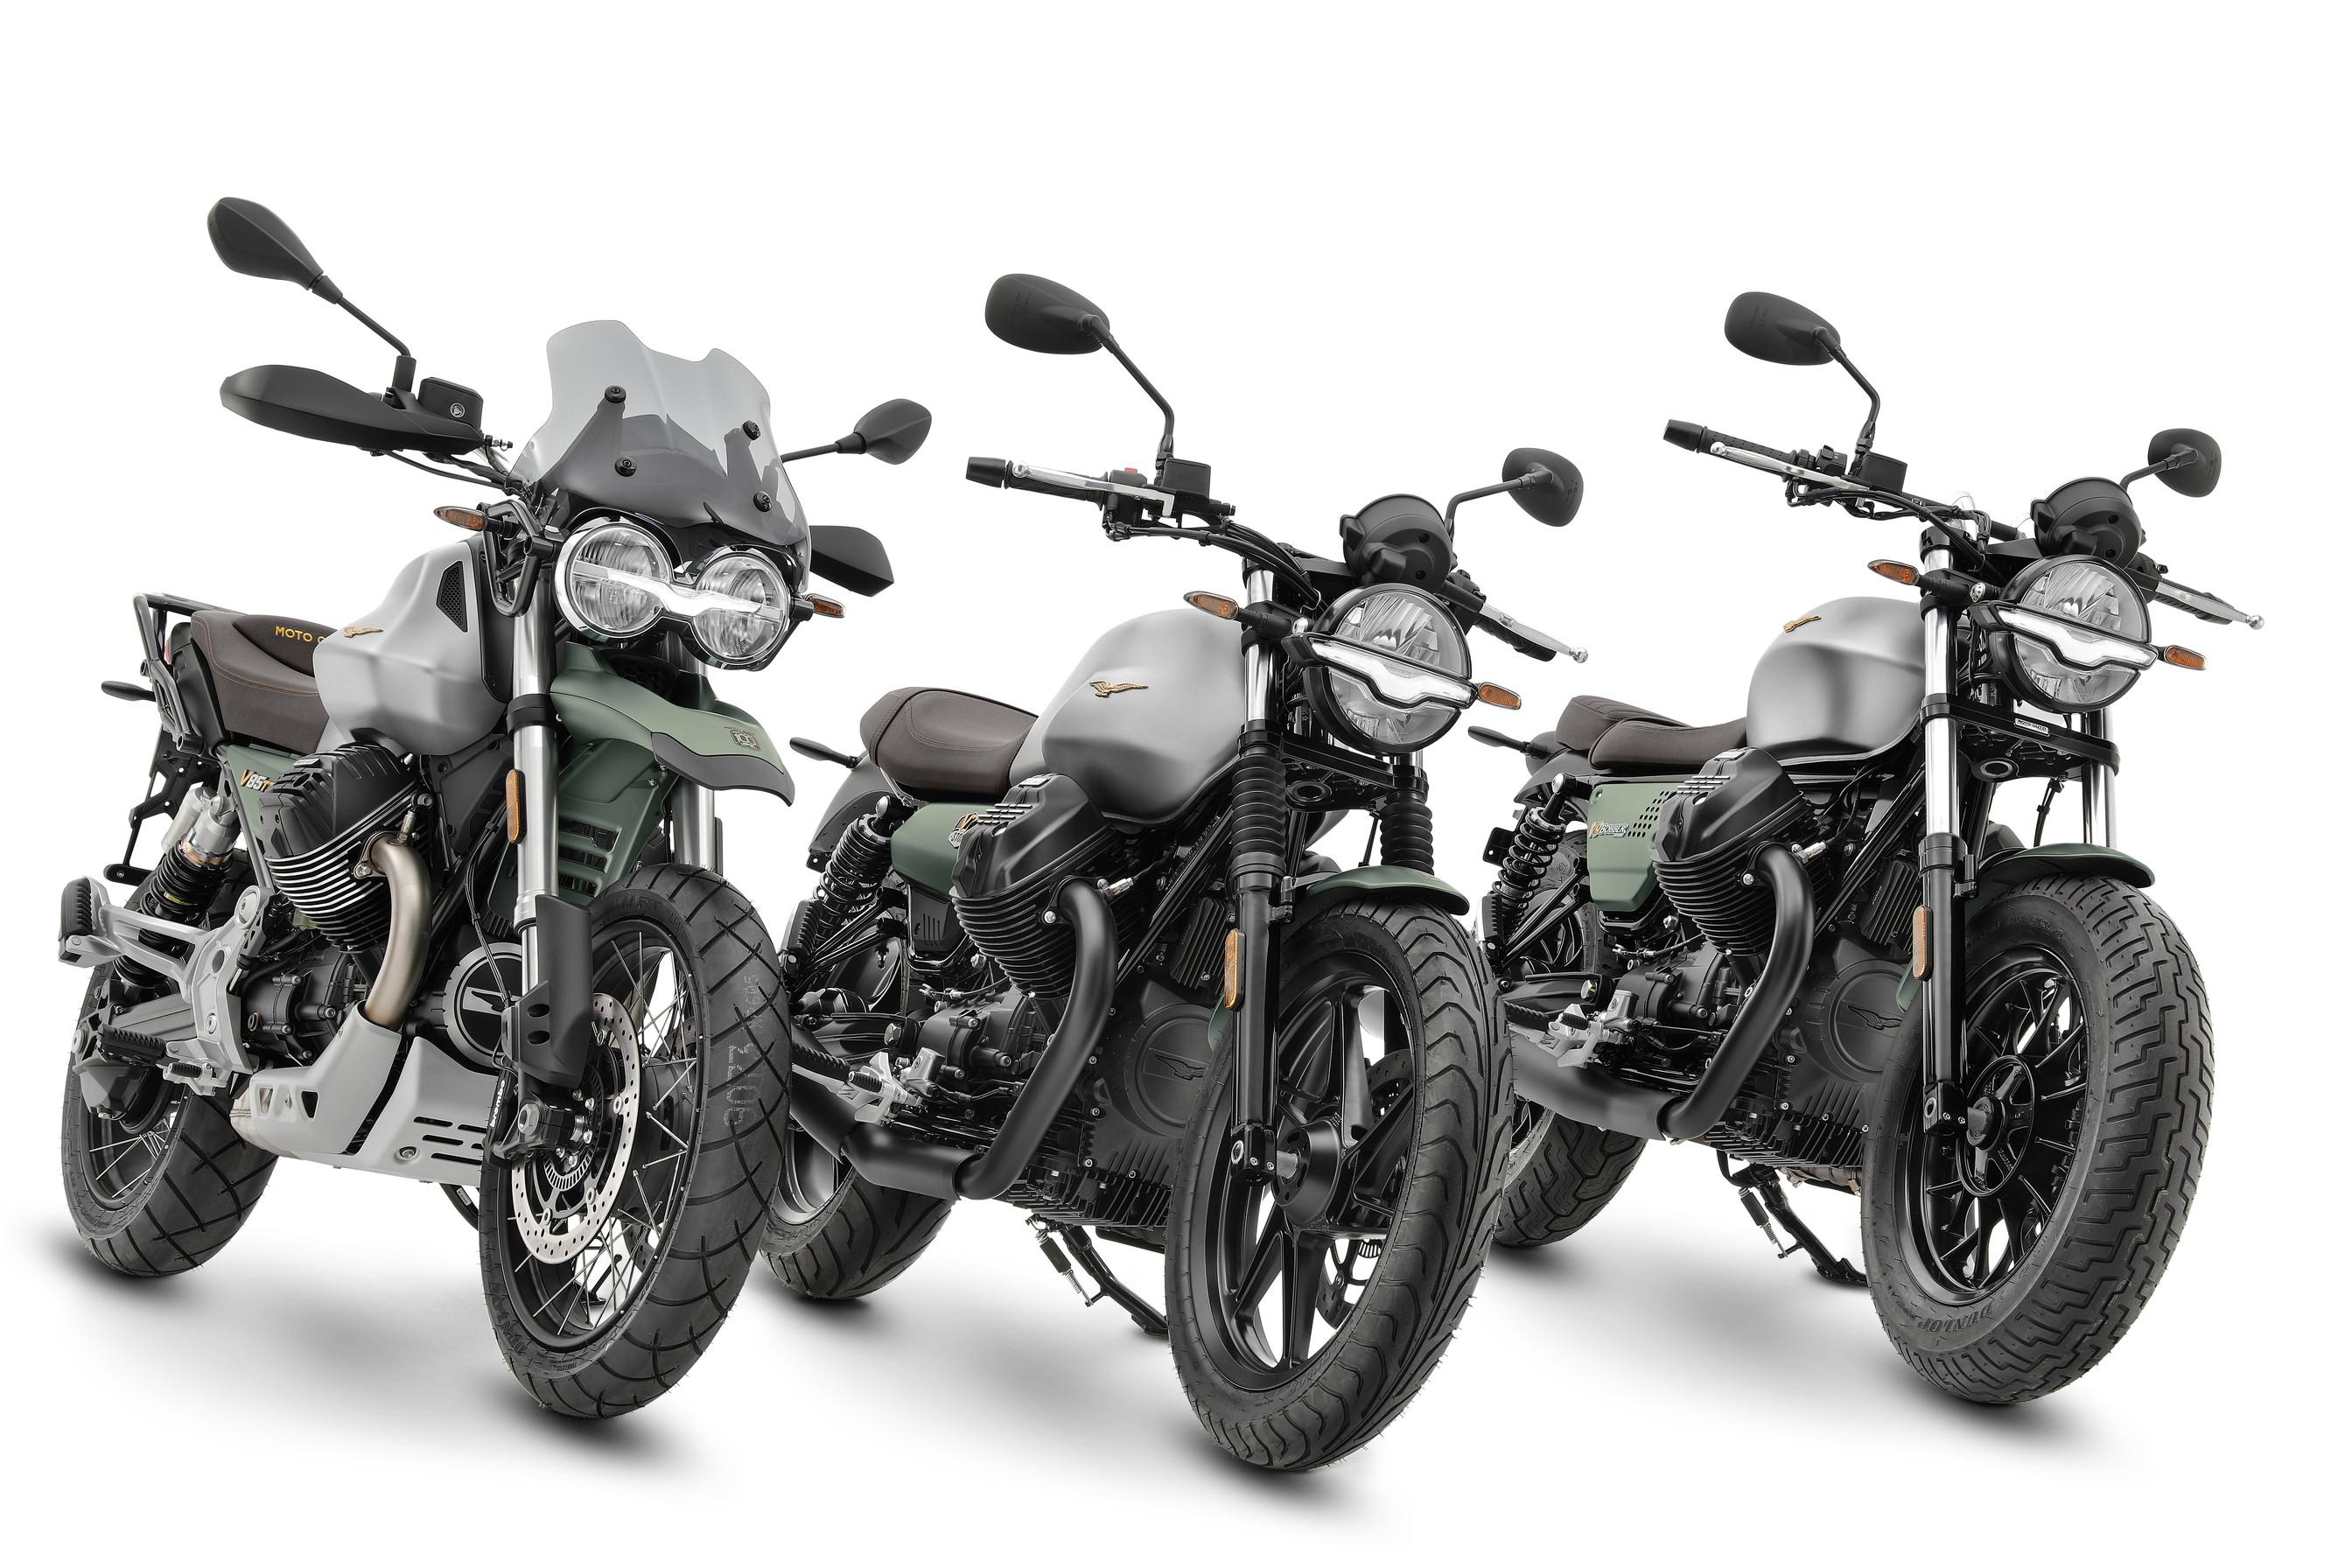 Moto Guzzi festeggia il centenario della sua fondazione con le &#39;Giornate mondiali moto Guzzi&#39;, dal 9 al 12 settembre a Mandello del Lario (Lecco), durante le quali sar&agrave;&nbsp;svelata una livrea celebrativa. Un secolo di storia, cento anni di motociclette, di vittorie, di personaggi leggendari che hanno costruito il mito del &#39;Marchio dell&#39;Aquila&#39;. Moto Guzzi festeggia questo compleanno con un 2021 di iniziative che avr&agrave;&nbsp;il suo clou nelle &#39;Giornate mondiali moto Guzzi&#39;. In questa occasione produrr&agrave;&nbsp;una serie limitata dei suoi modelli in una speciale livrea centenario, che sar&agrave;&nbsp;disponibile su V7, V9 e V85 TT solo nel corso del 2021, e richiama alle moto che corsero e vinsero nel Motomondiale degli anni &#39;50 come la mitica Otto Cilindri 500.<br /><br />